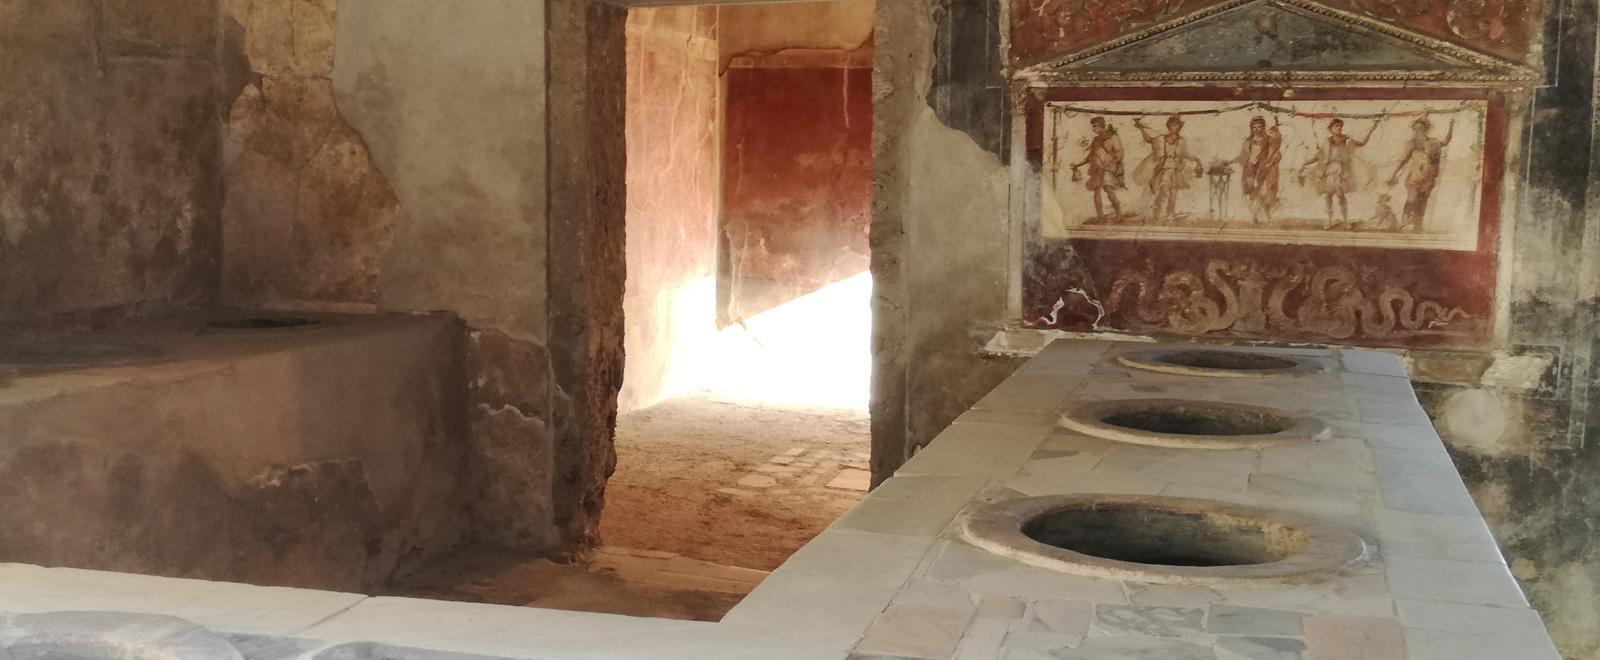 Pompei senza veli